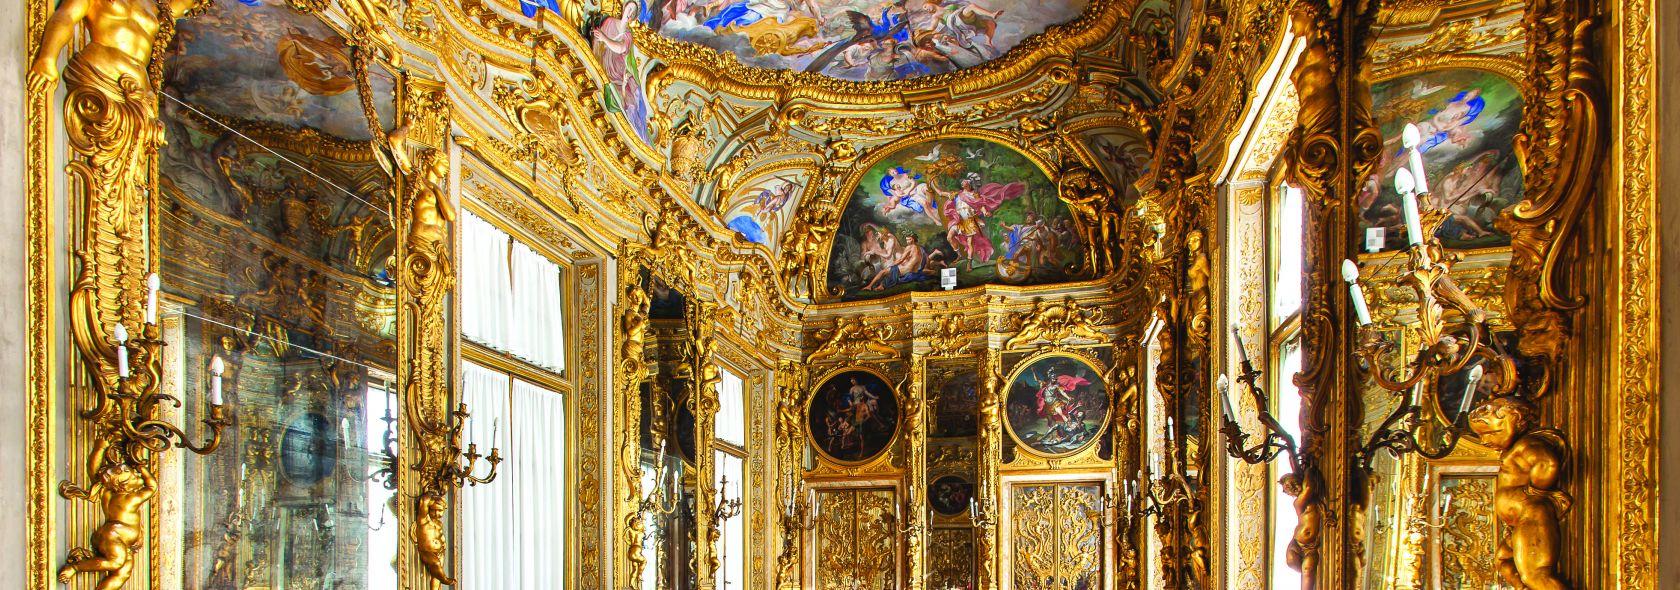 Palazzo Tobia Pallavicini - Galleria degli Specchi - foto: © Courtesy Marco Polo